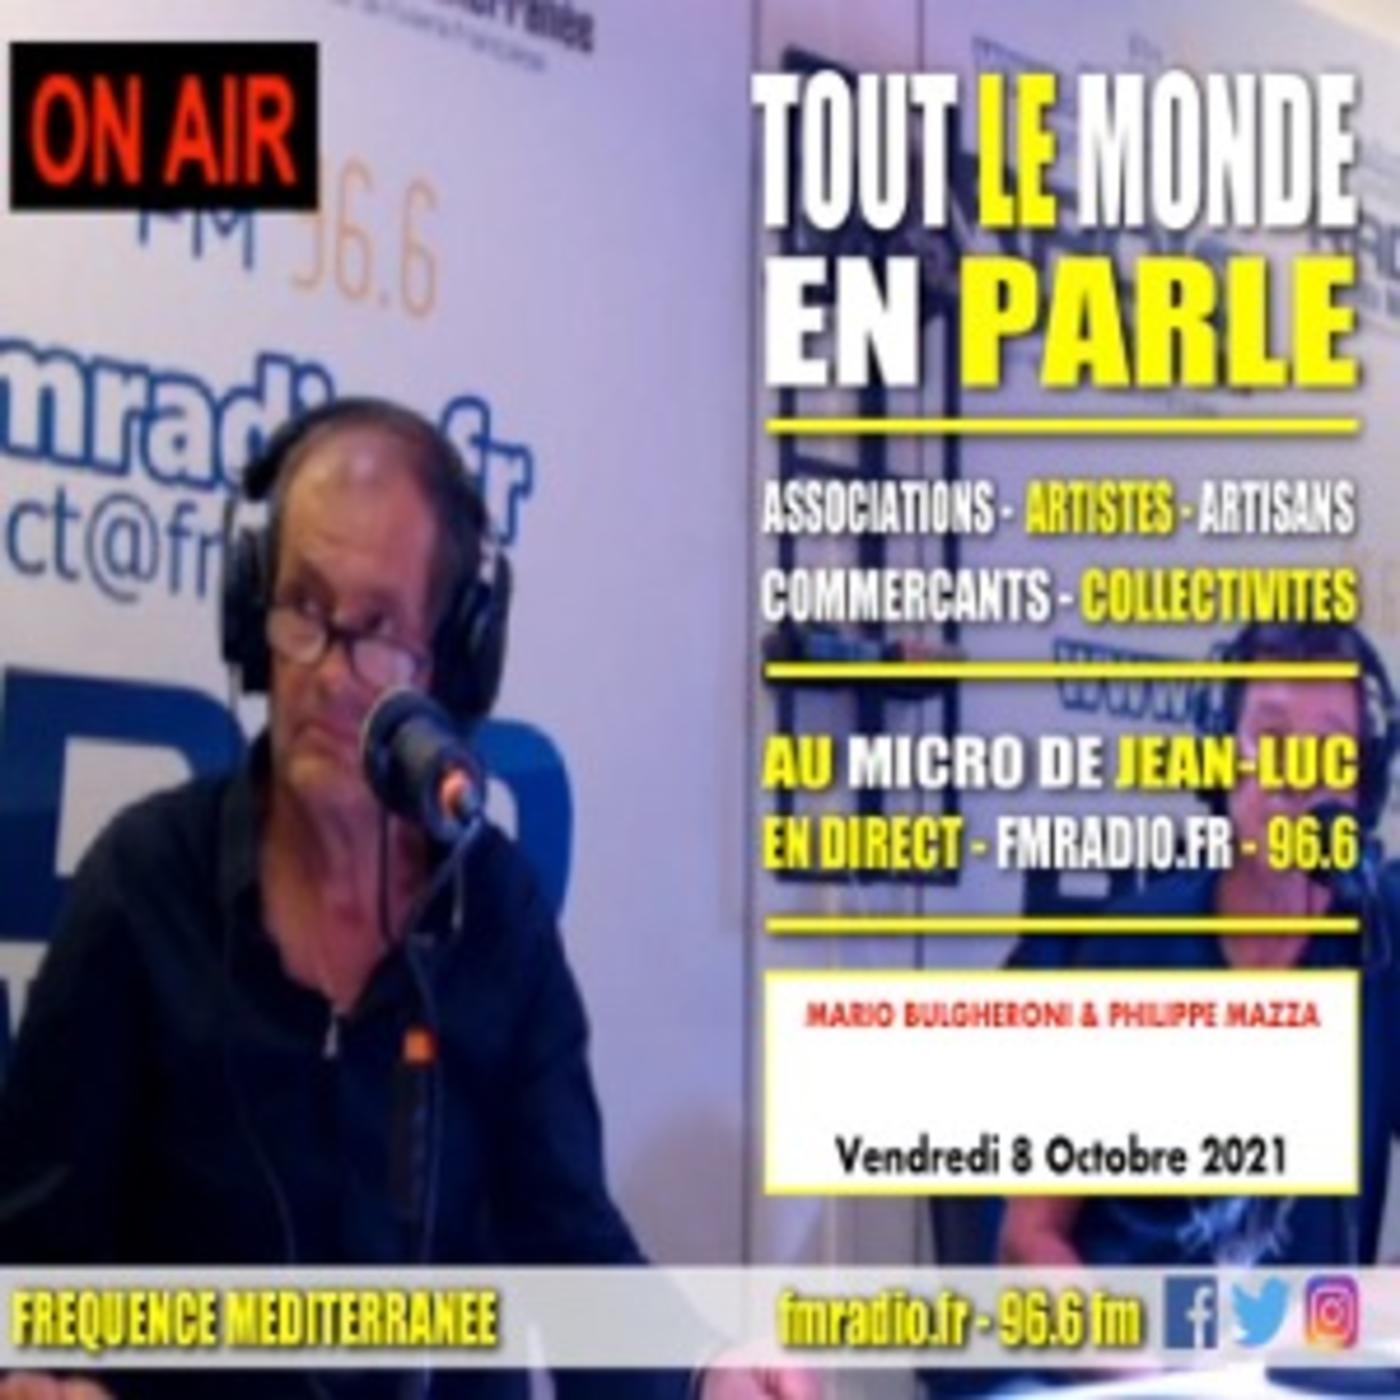 Interview - Mario Bulgheroni & Philippe Mazza